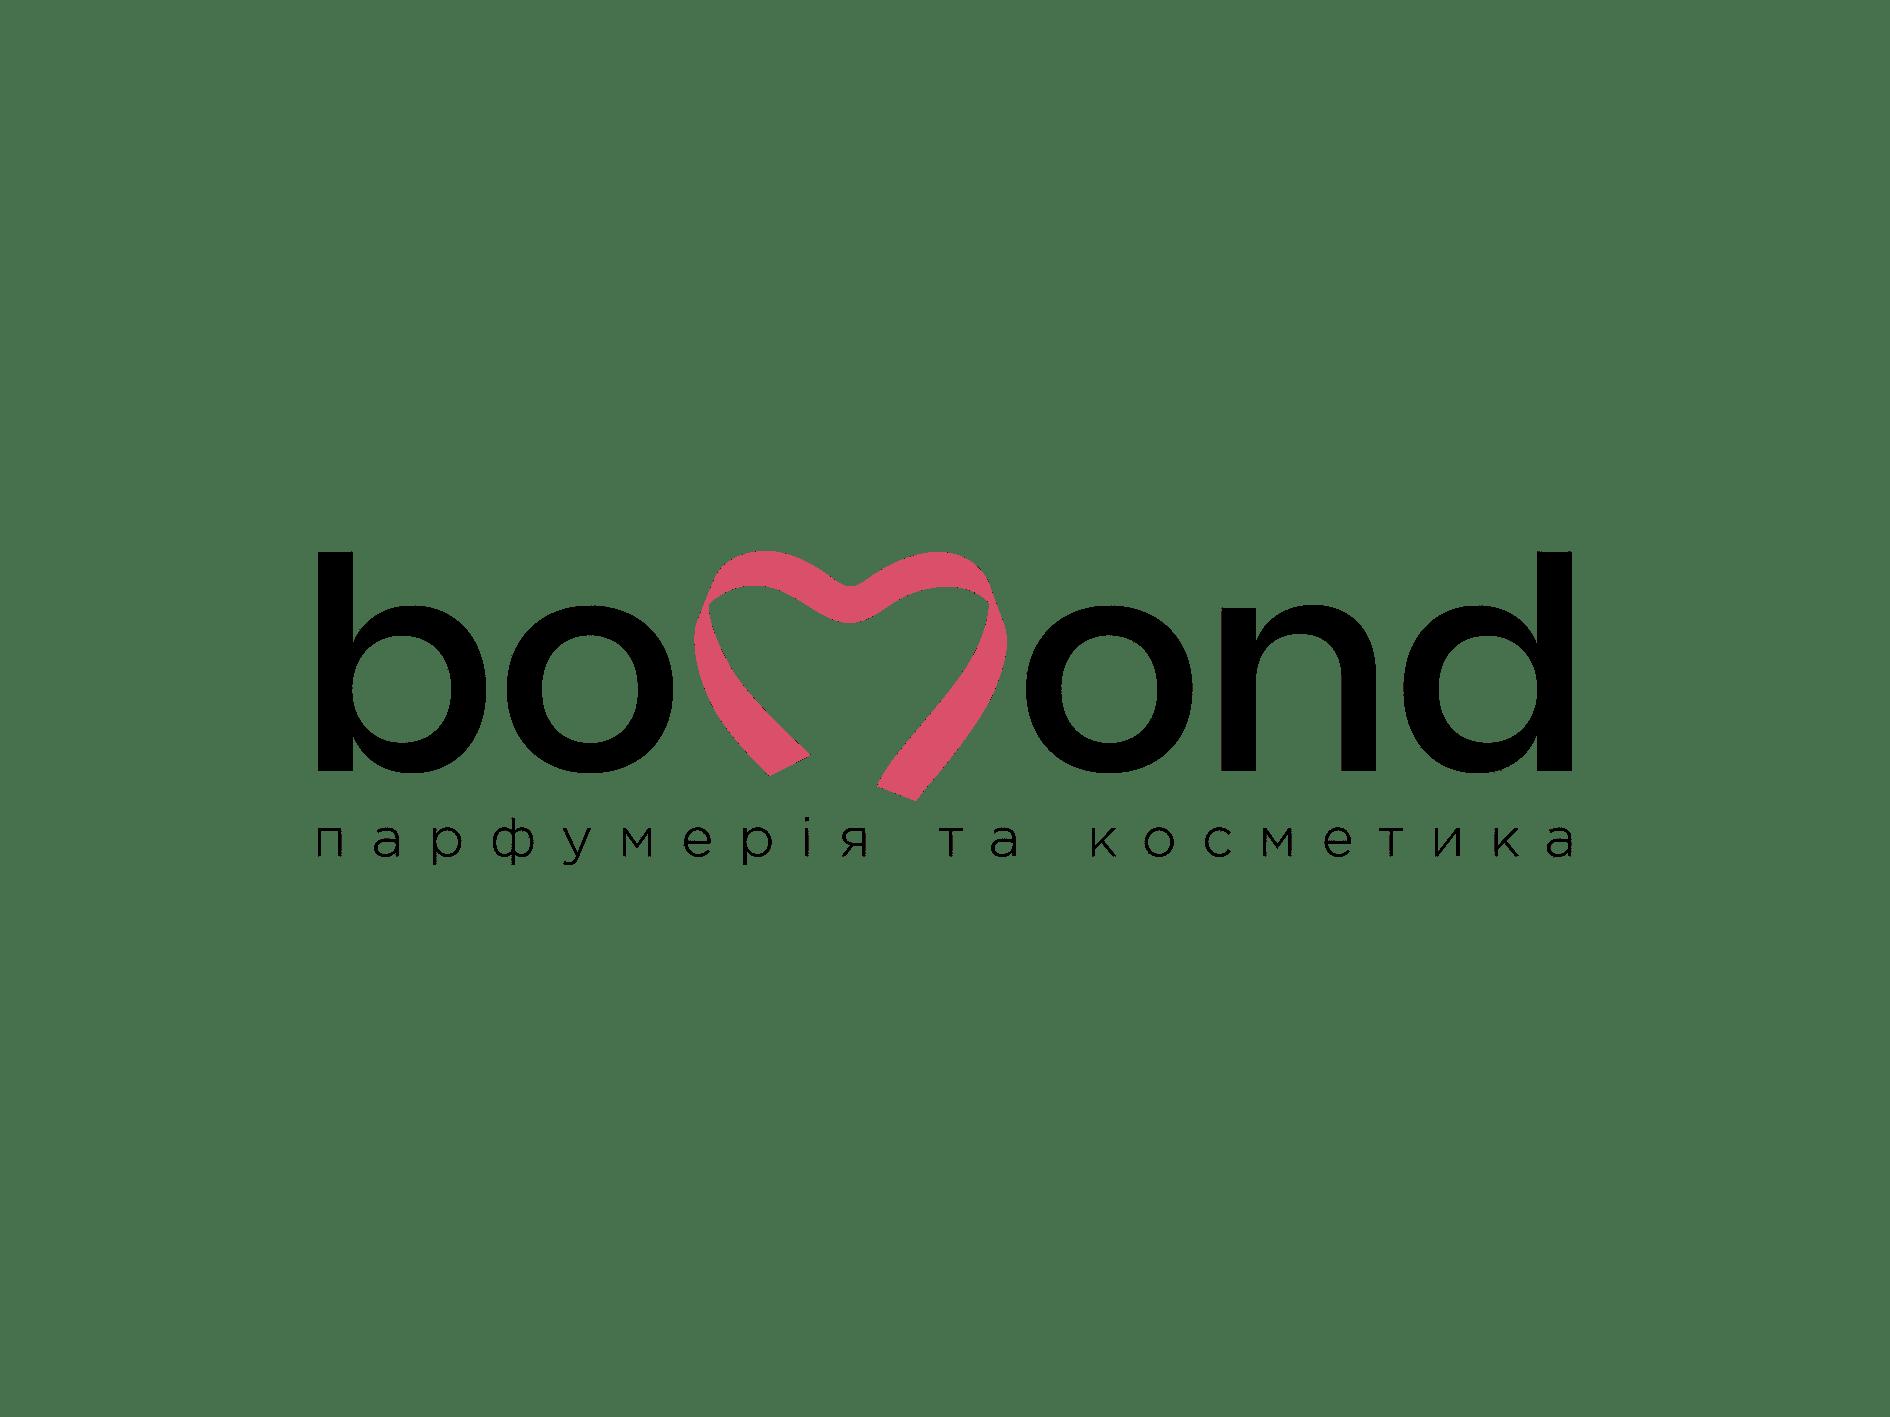 Bomond  - kiev.karavan.com.ua